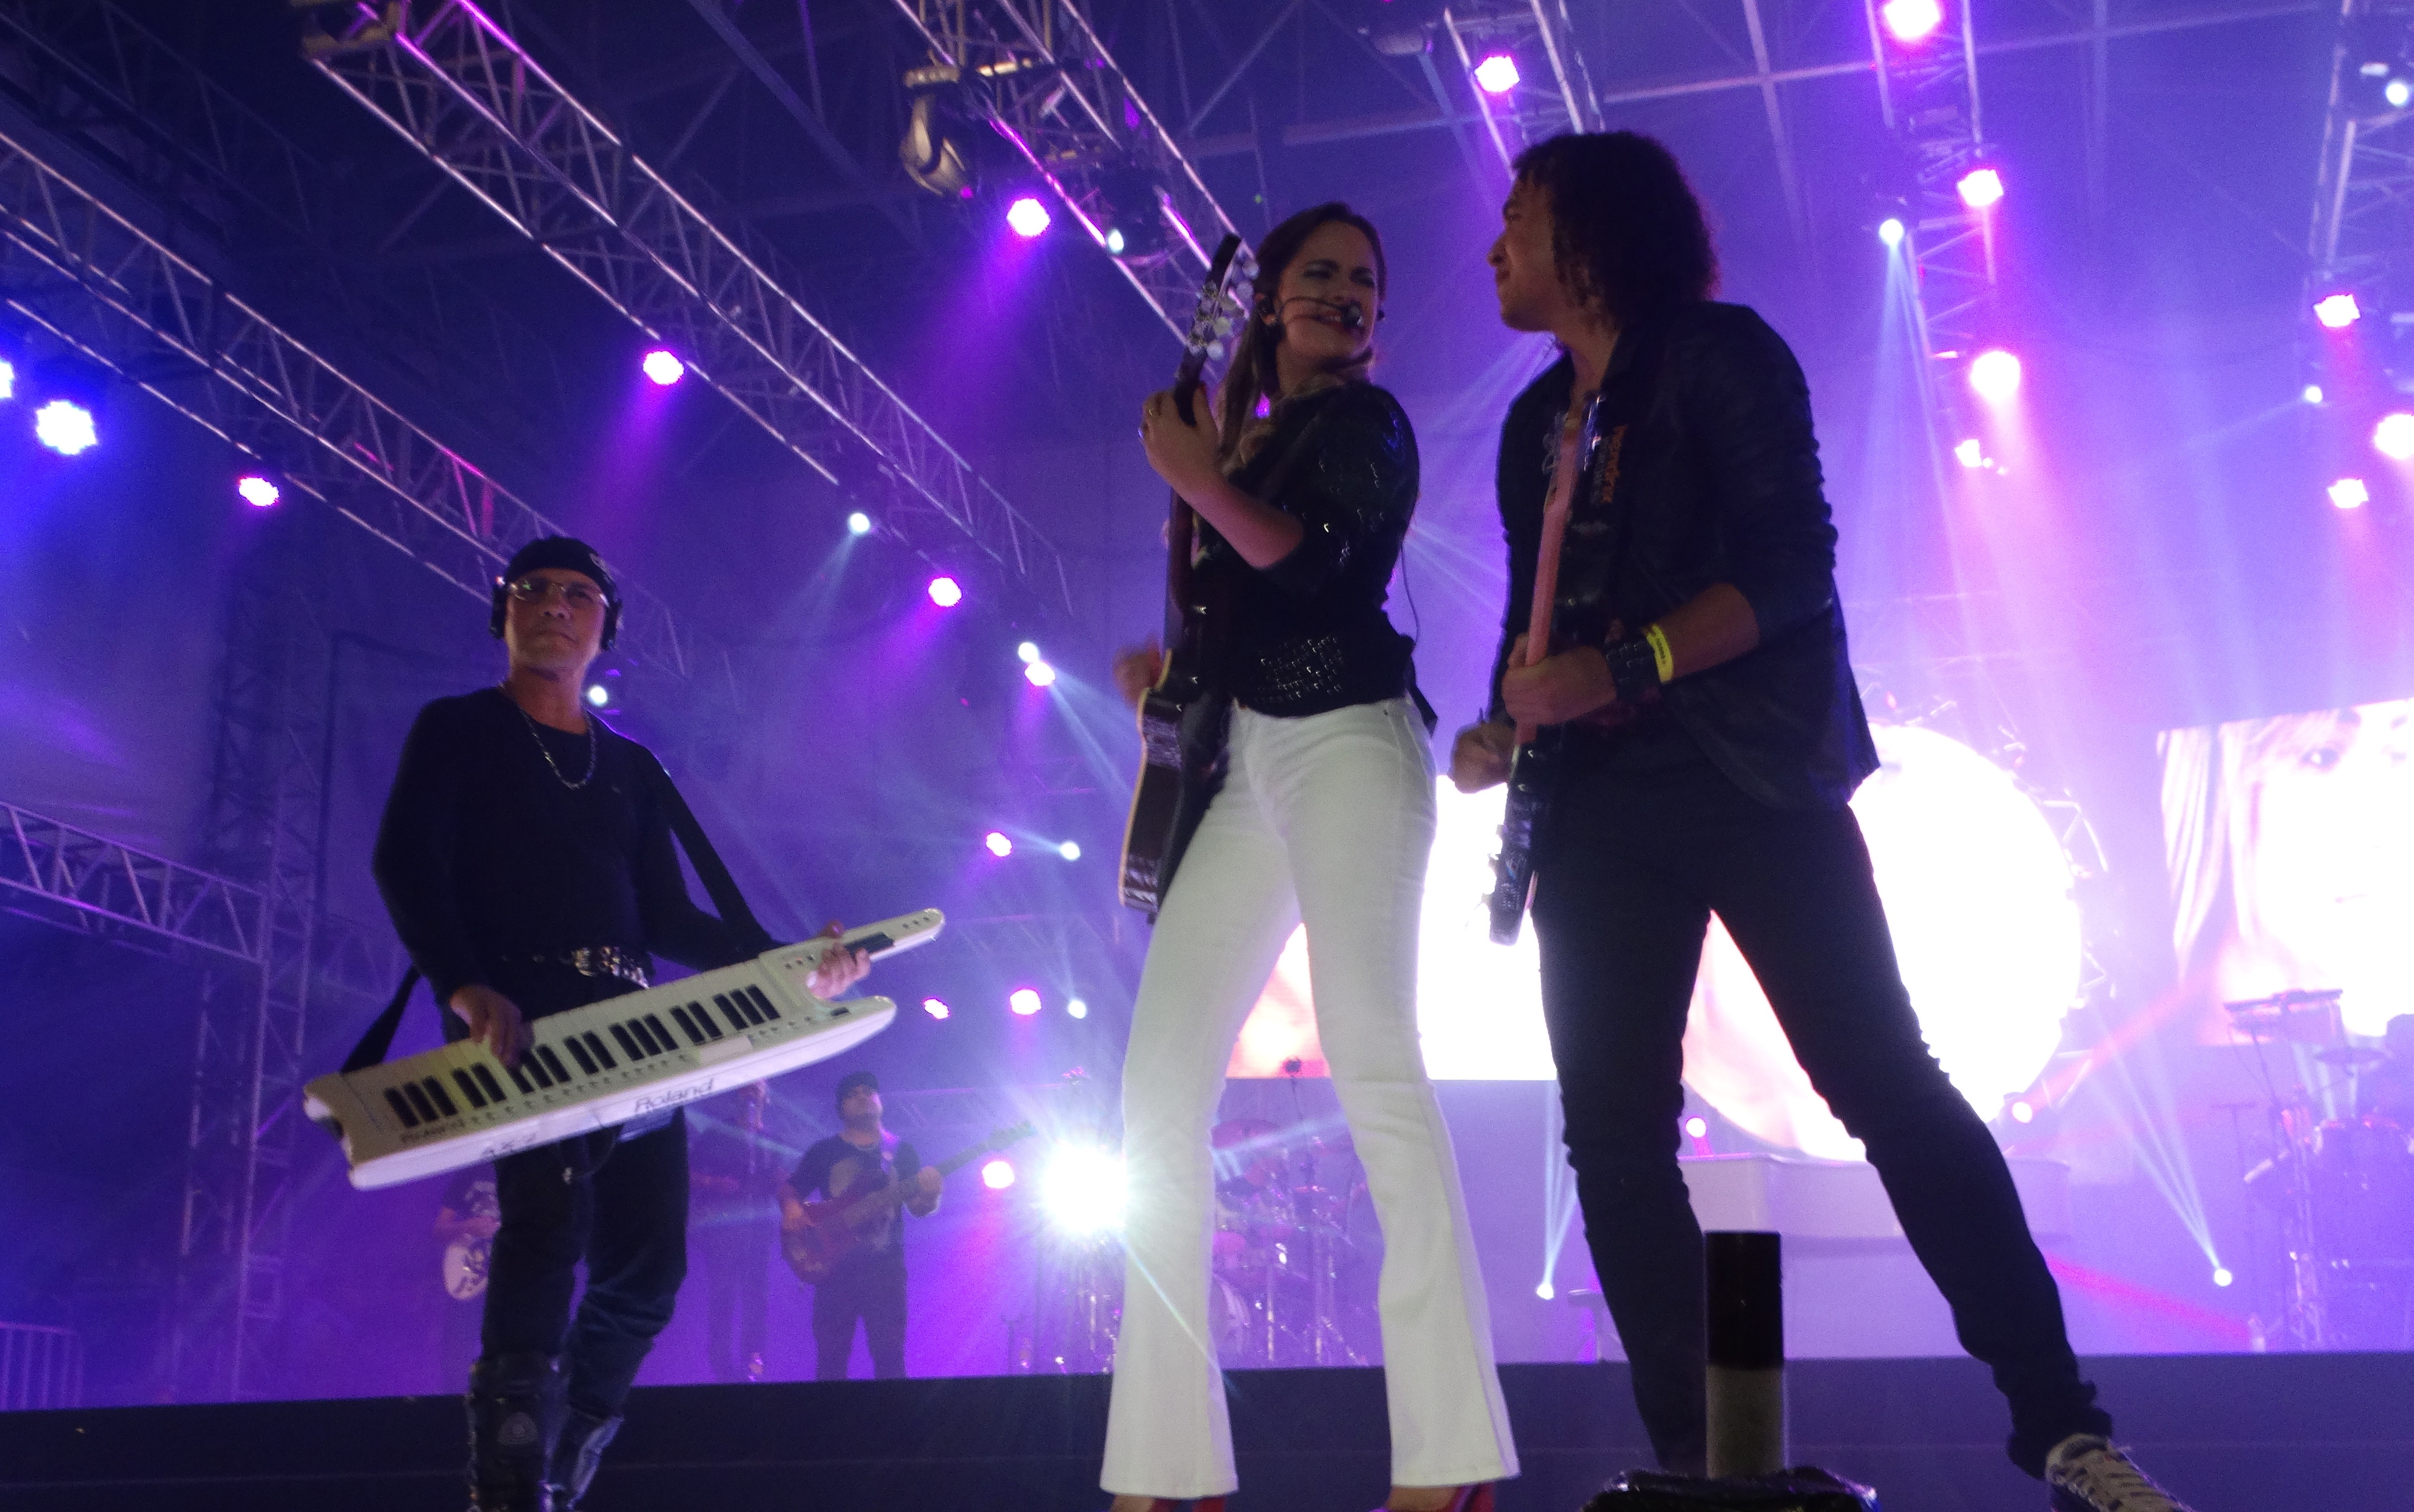 Banda de forró Limão com Mel é atração de festival neste sábado, em Belém  - Notícias - Plantão Diário